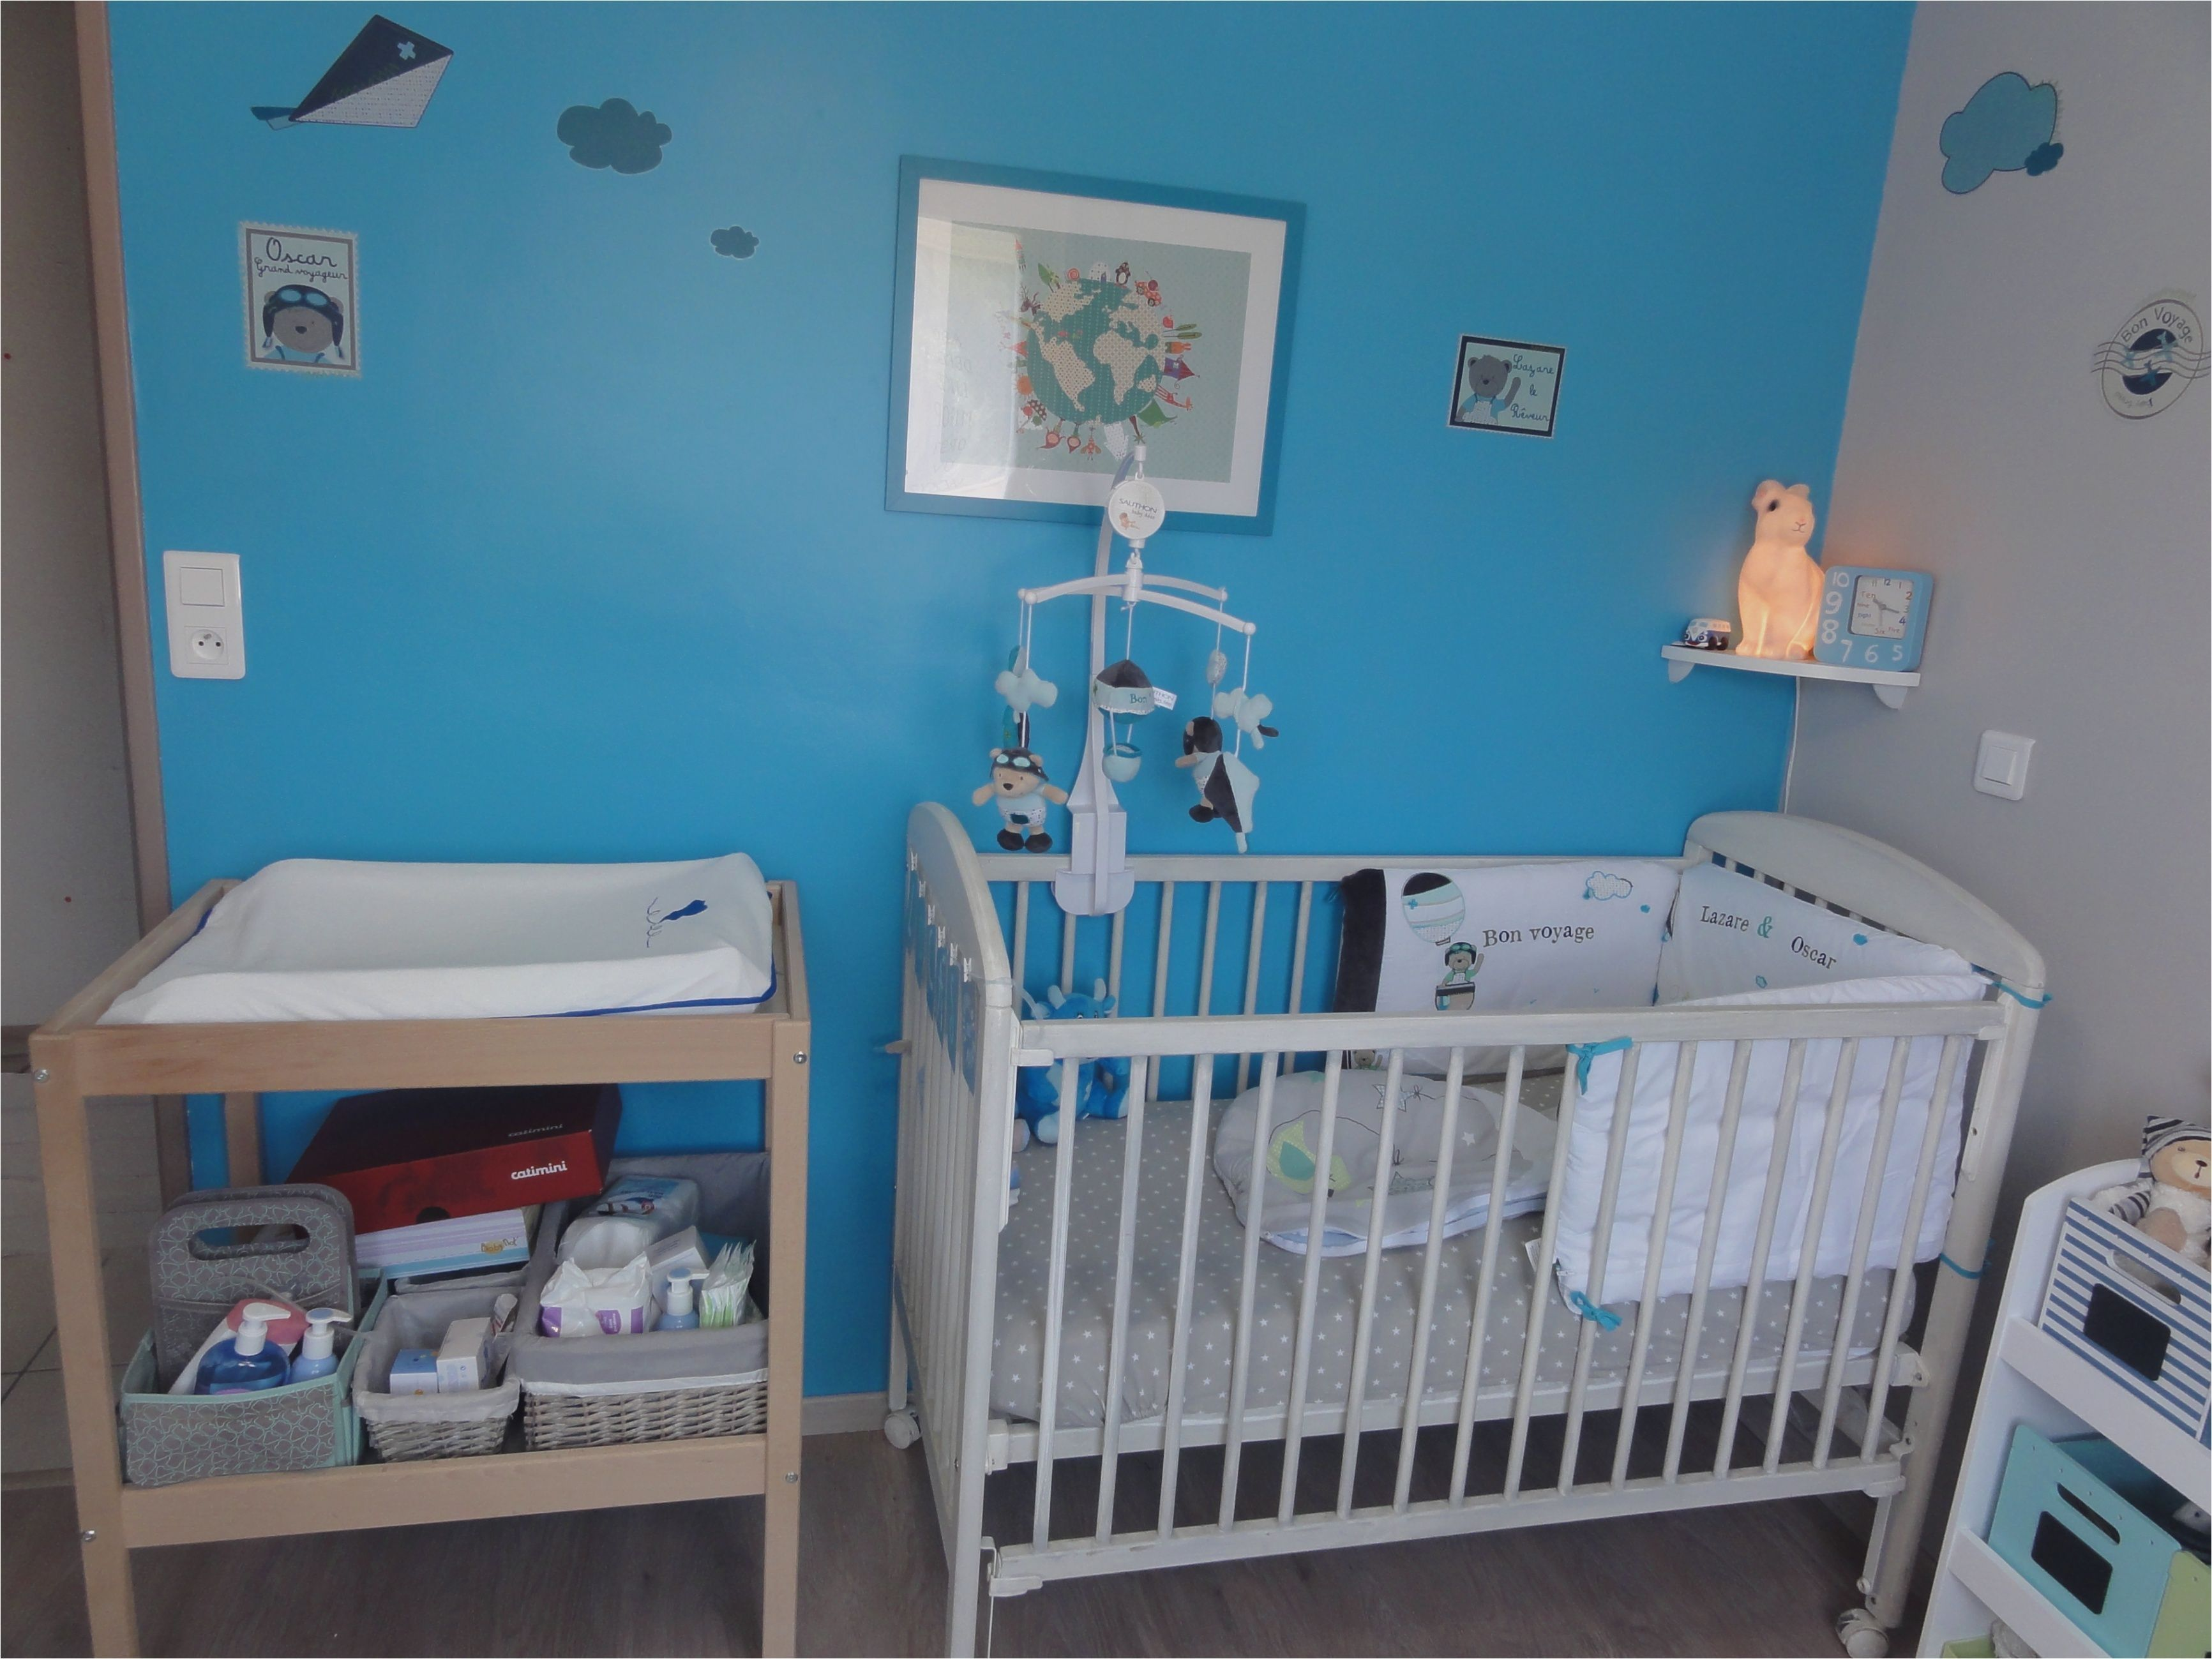 17 Deco Chambre Bebe Bleu  Thème chambre bébé, Chambre bébé